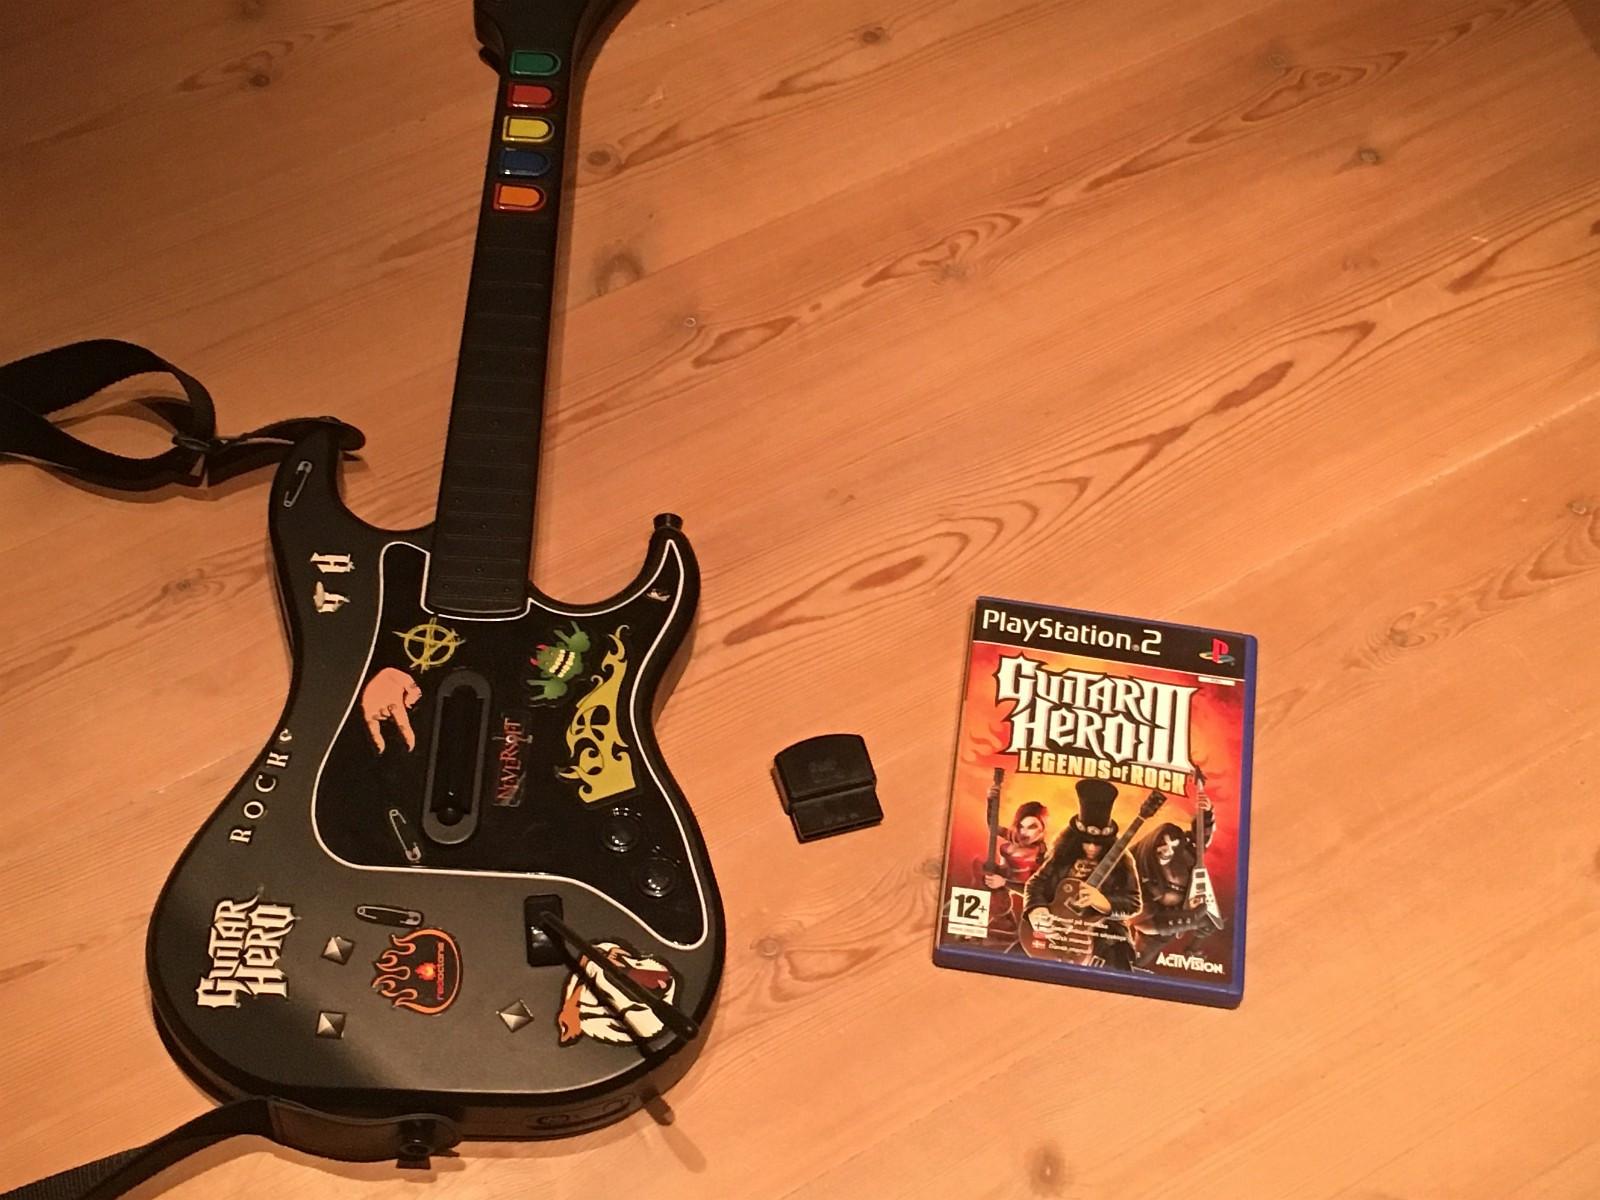 Guitar Hero spill og gitar PS2 - Vear  - Guitar Hero spill og trådløs gitar med skulderstropp til playstation 2.   tlf: 41810991 mail: mads.brunsvik@gmail.com - Vear